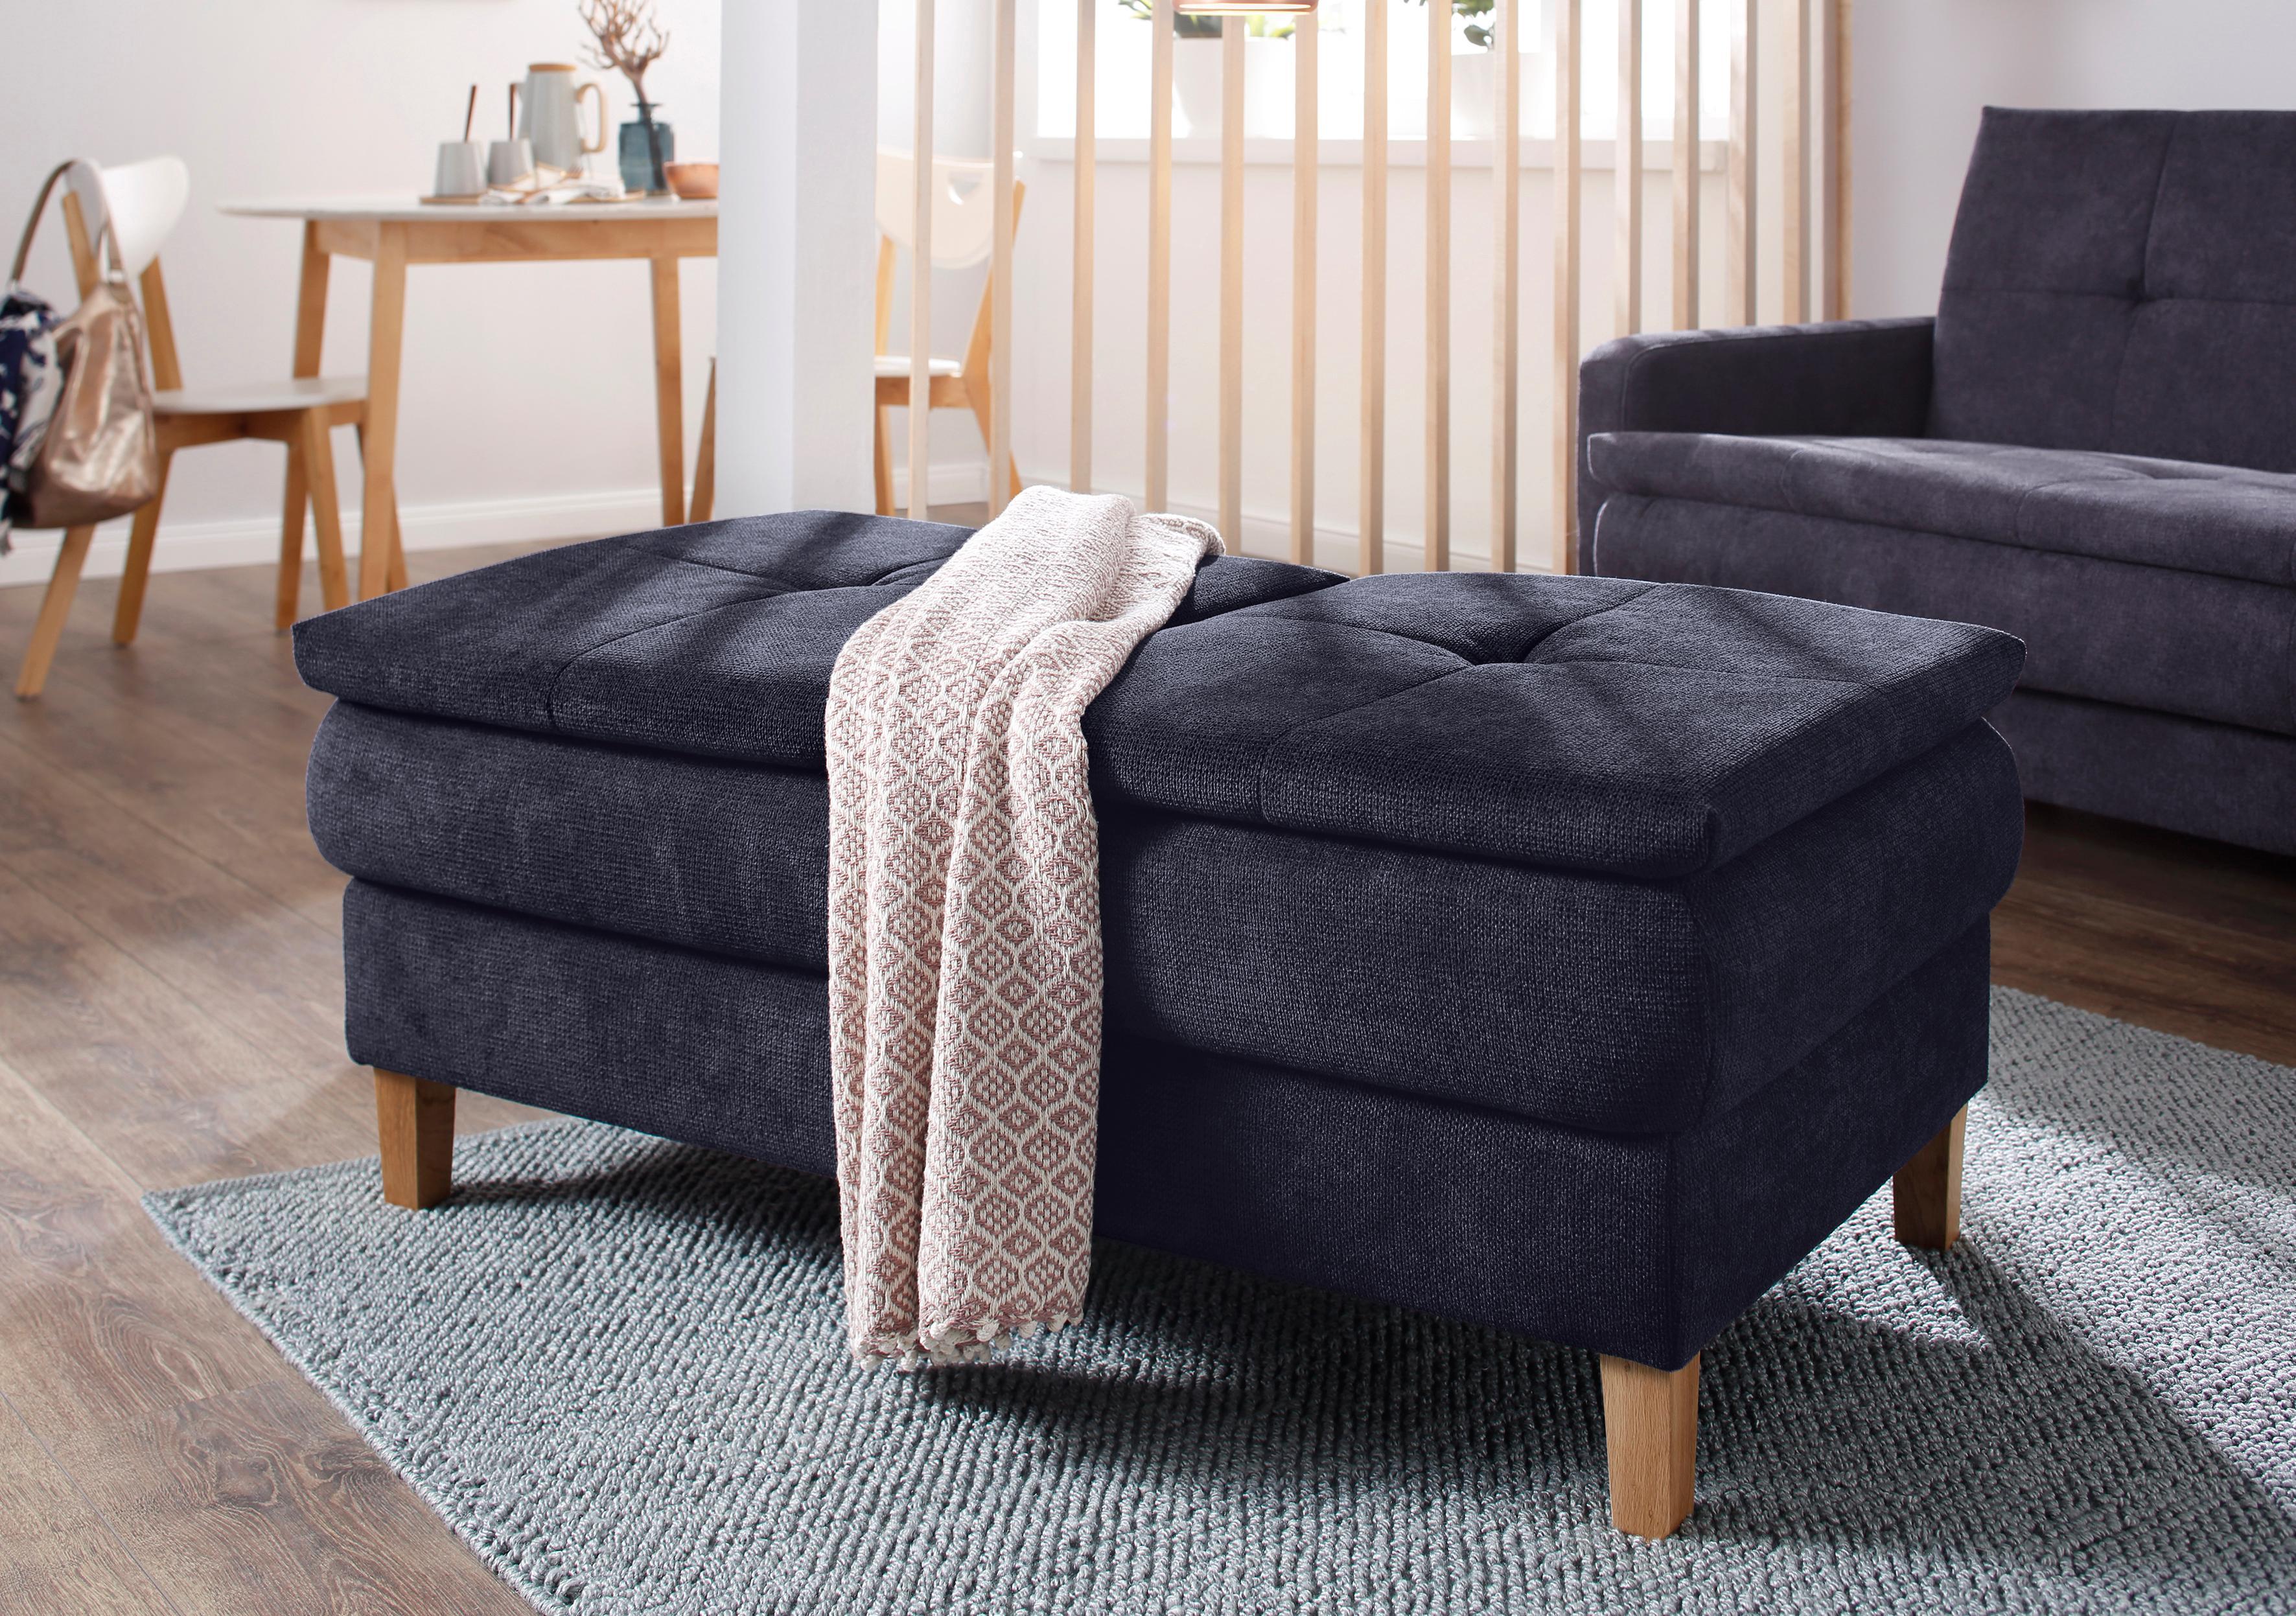 Home affaire Hocker Snap umfunktion zum Sessel möglich